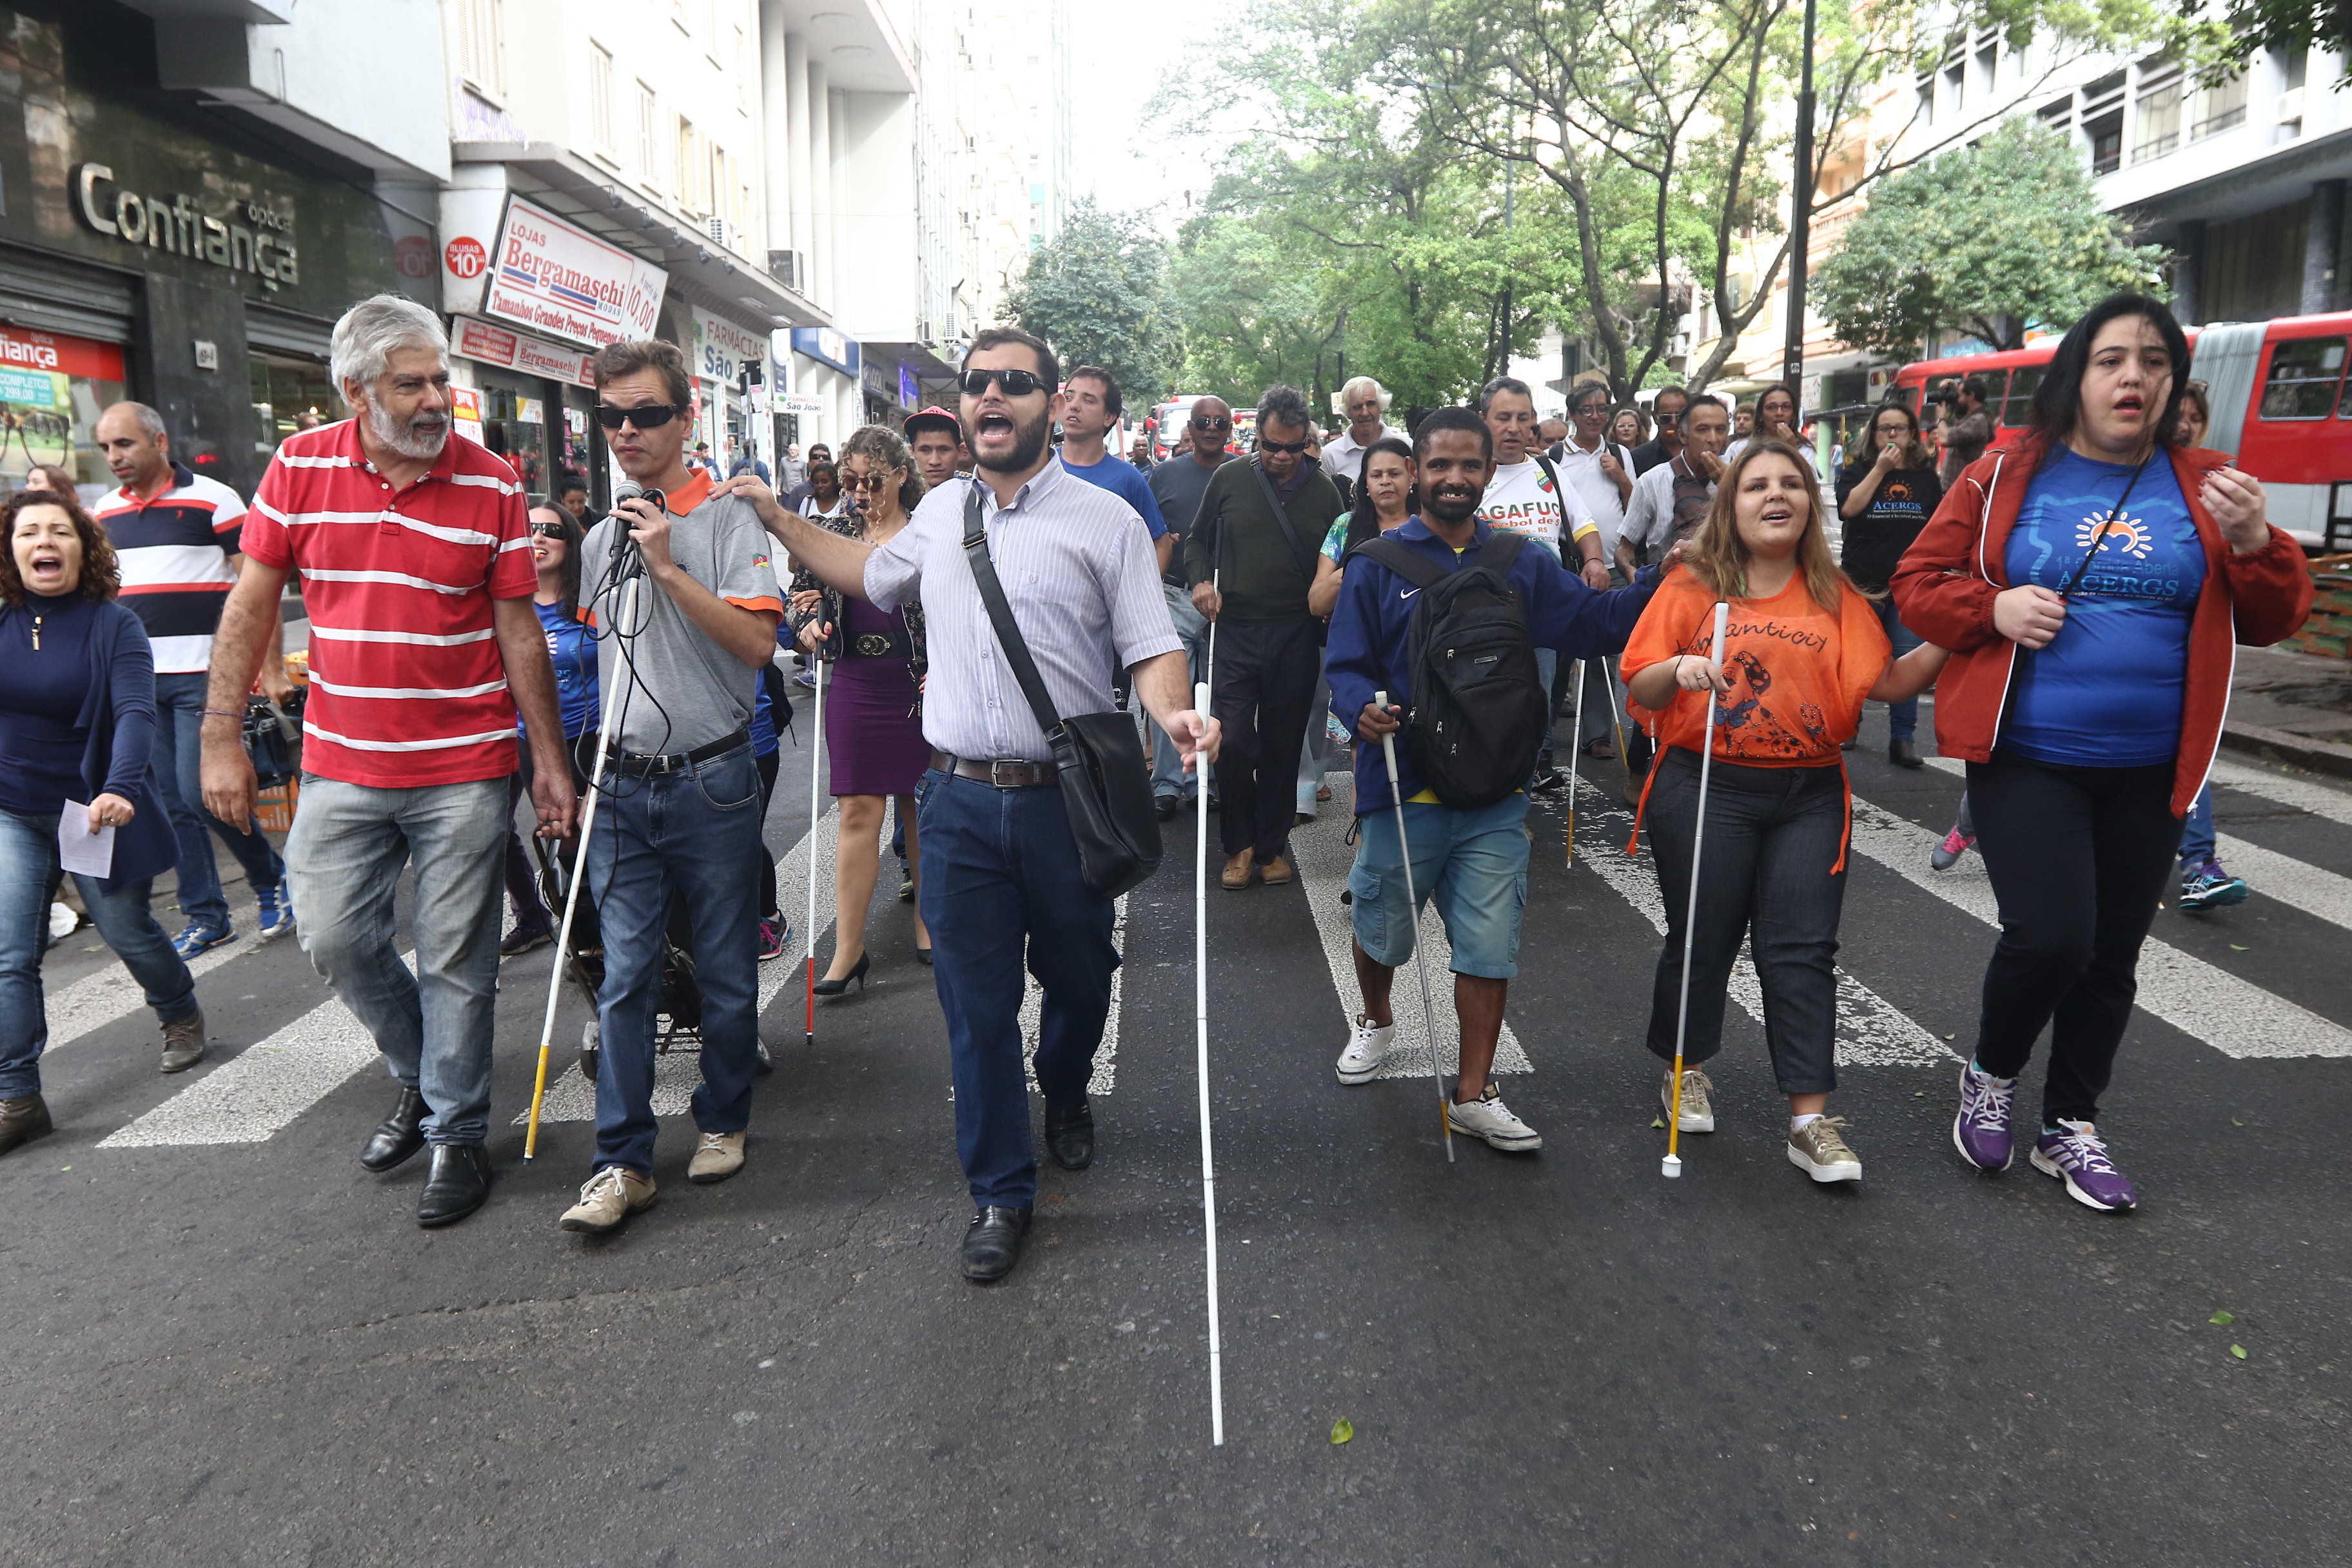 Marcha das Bengalas